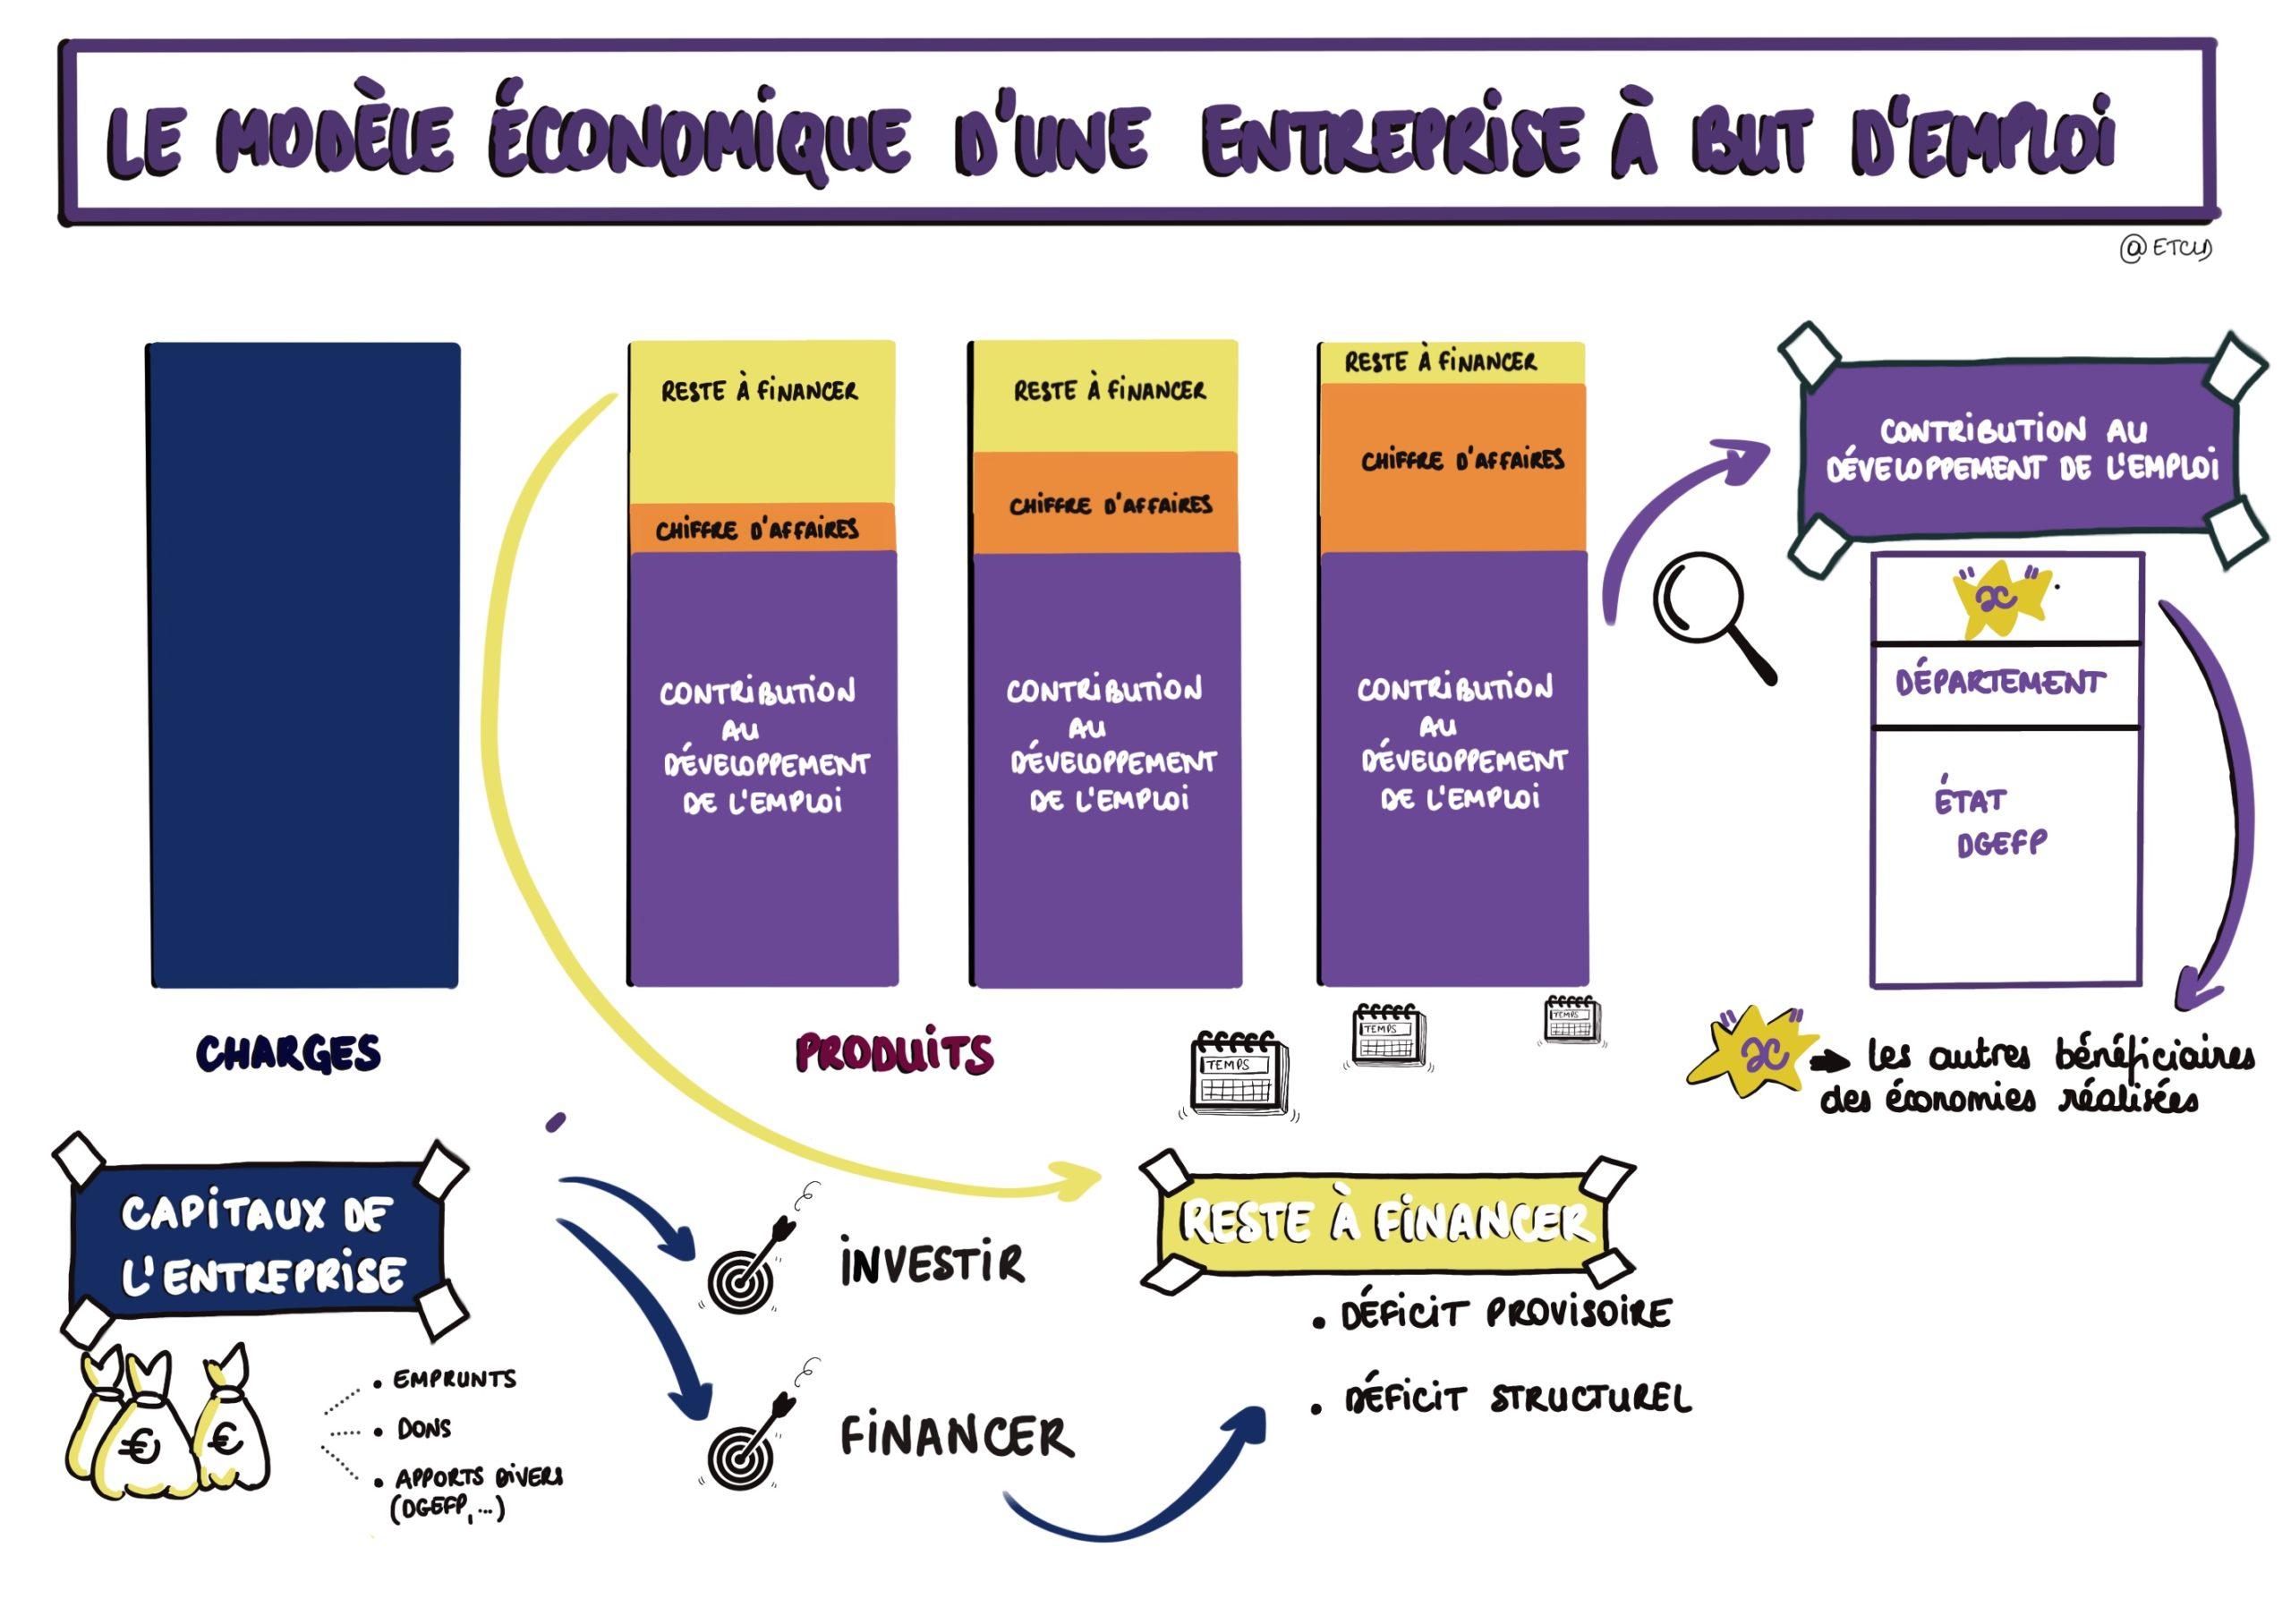 Modèle économique d'une entreprise à but d'emploi